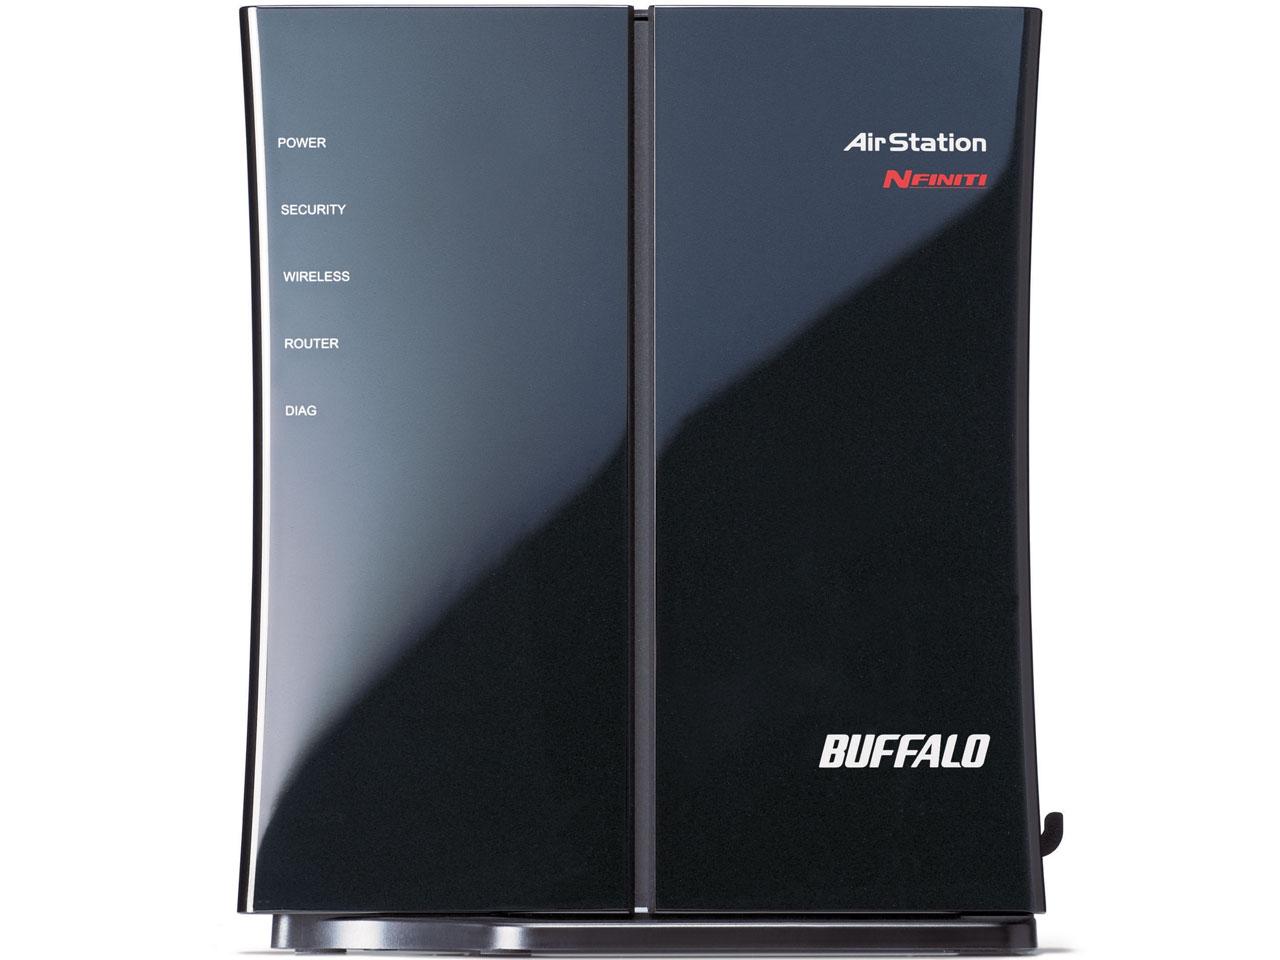 『本体 右側面2』 AirStation NFINITI WHR-G301N/N の製品画像